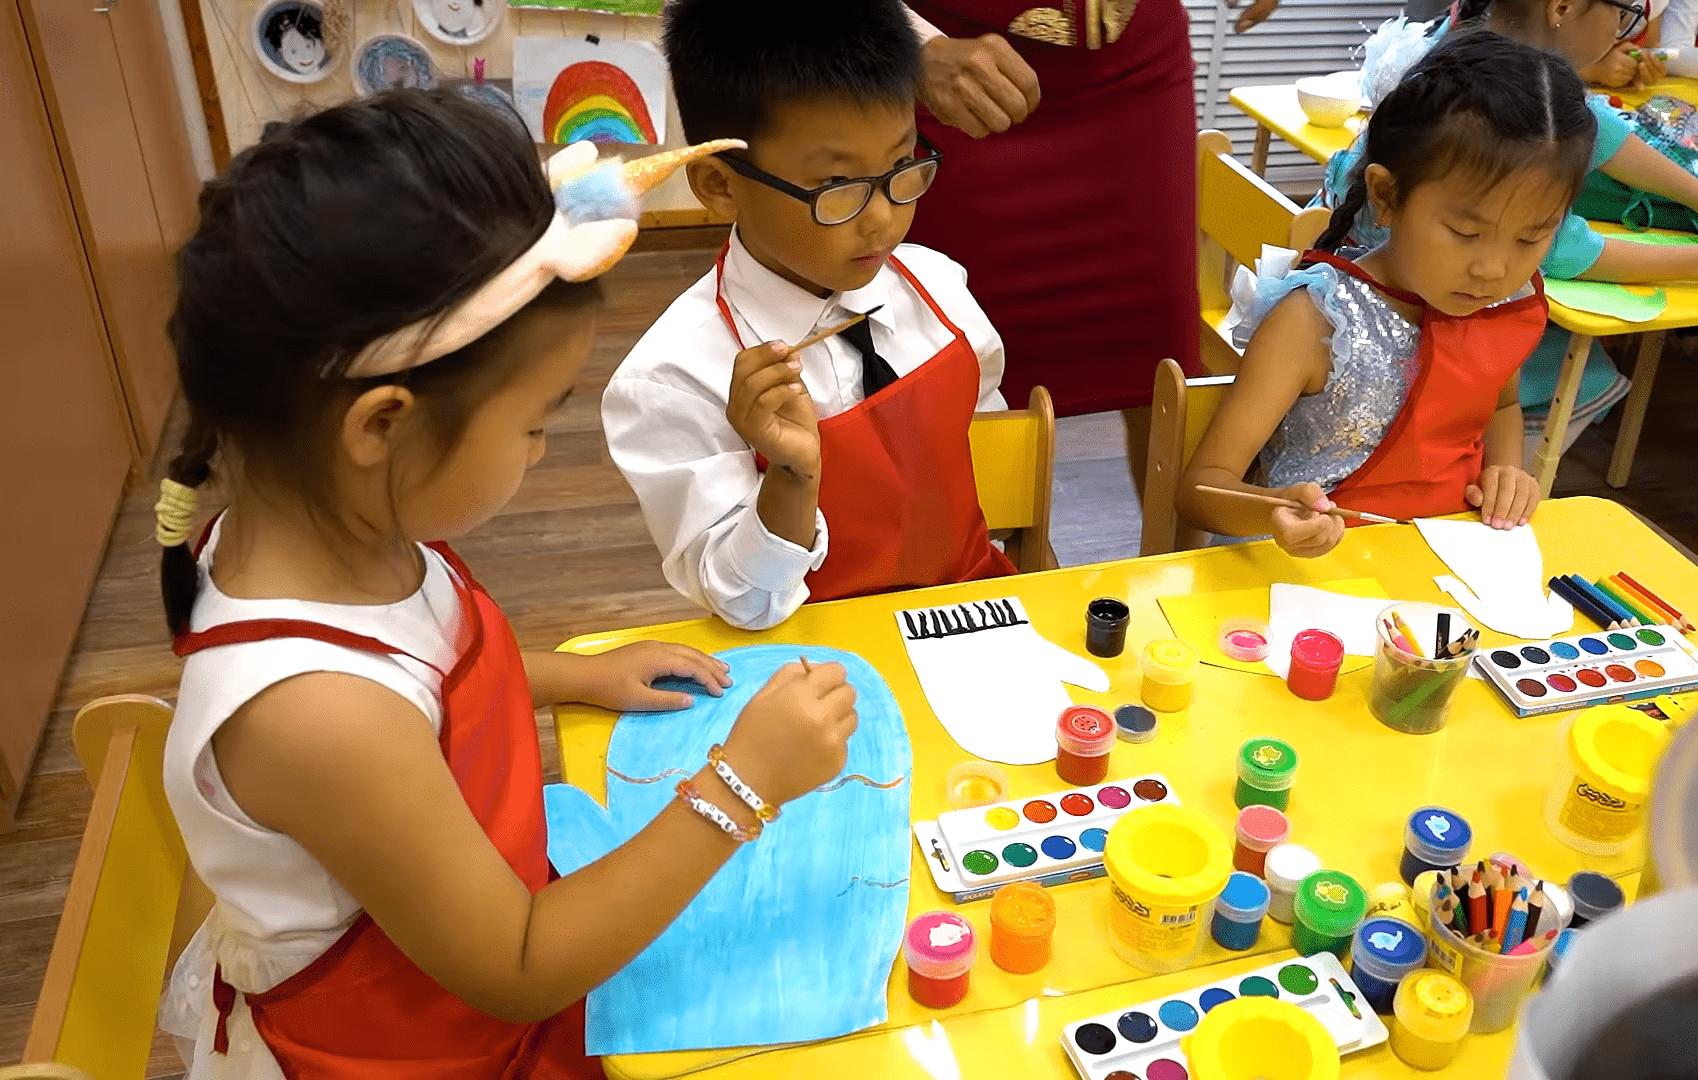 Образовательная экспедиция СОТ в Республику Бурятия: детское творчество и обучение бурятскому языку